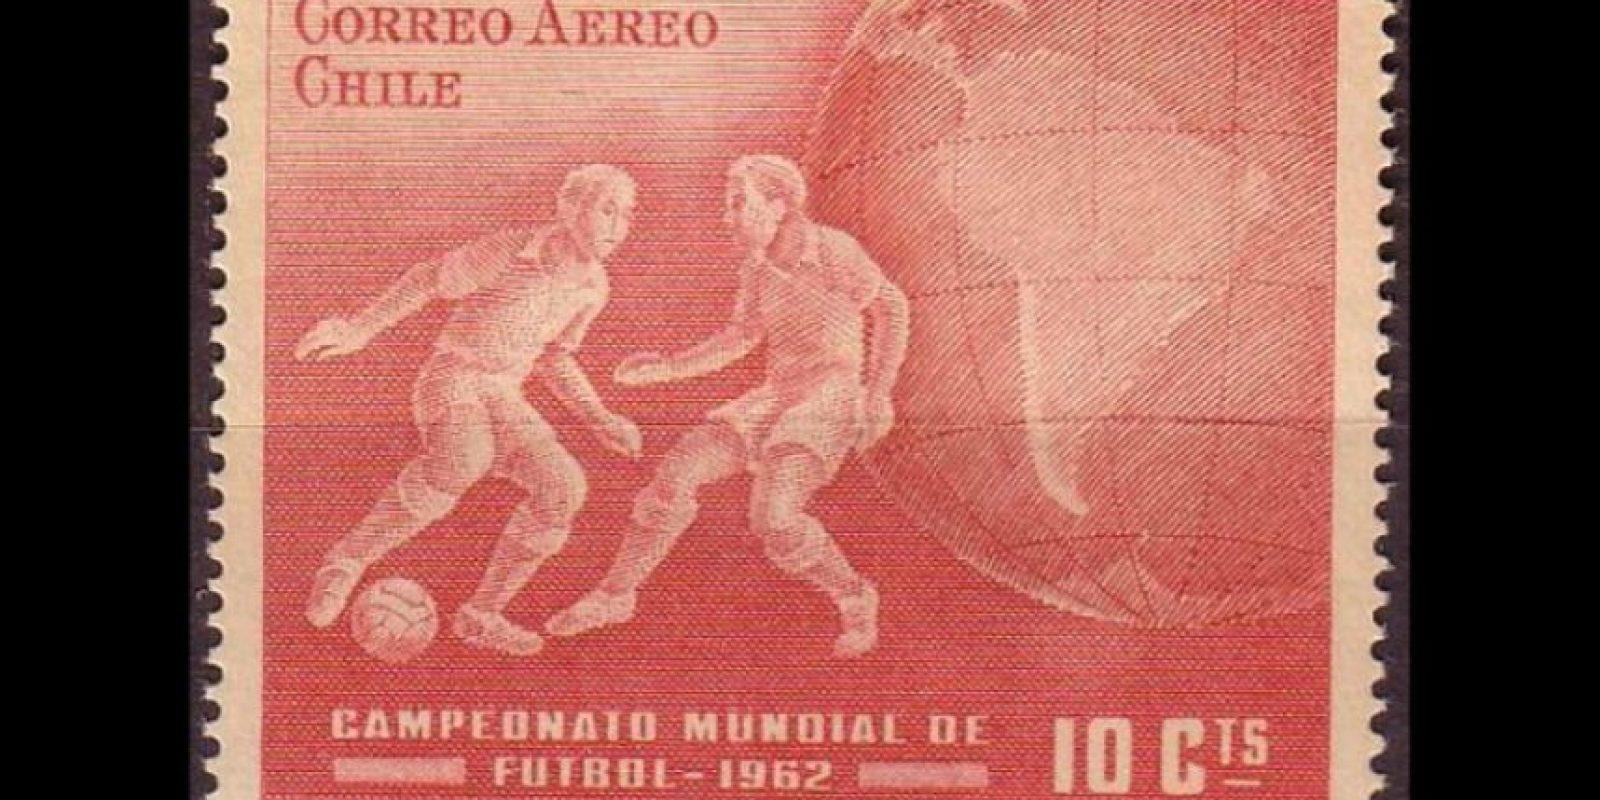 30 de mayo. Comienza Campeonato Mundial de Fútbol en Chile Foto:Flick.com/footysphere